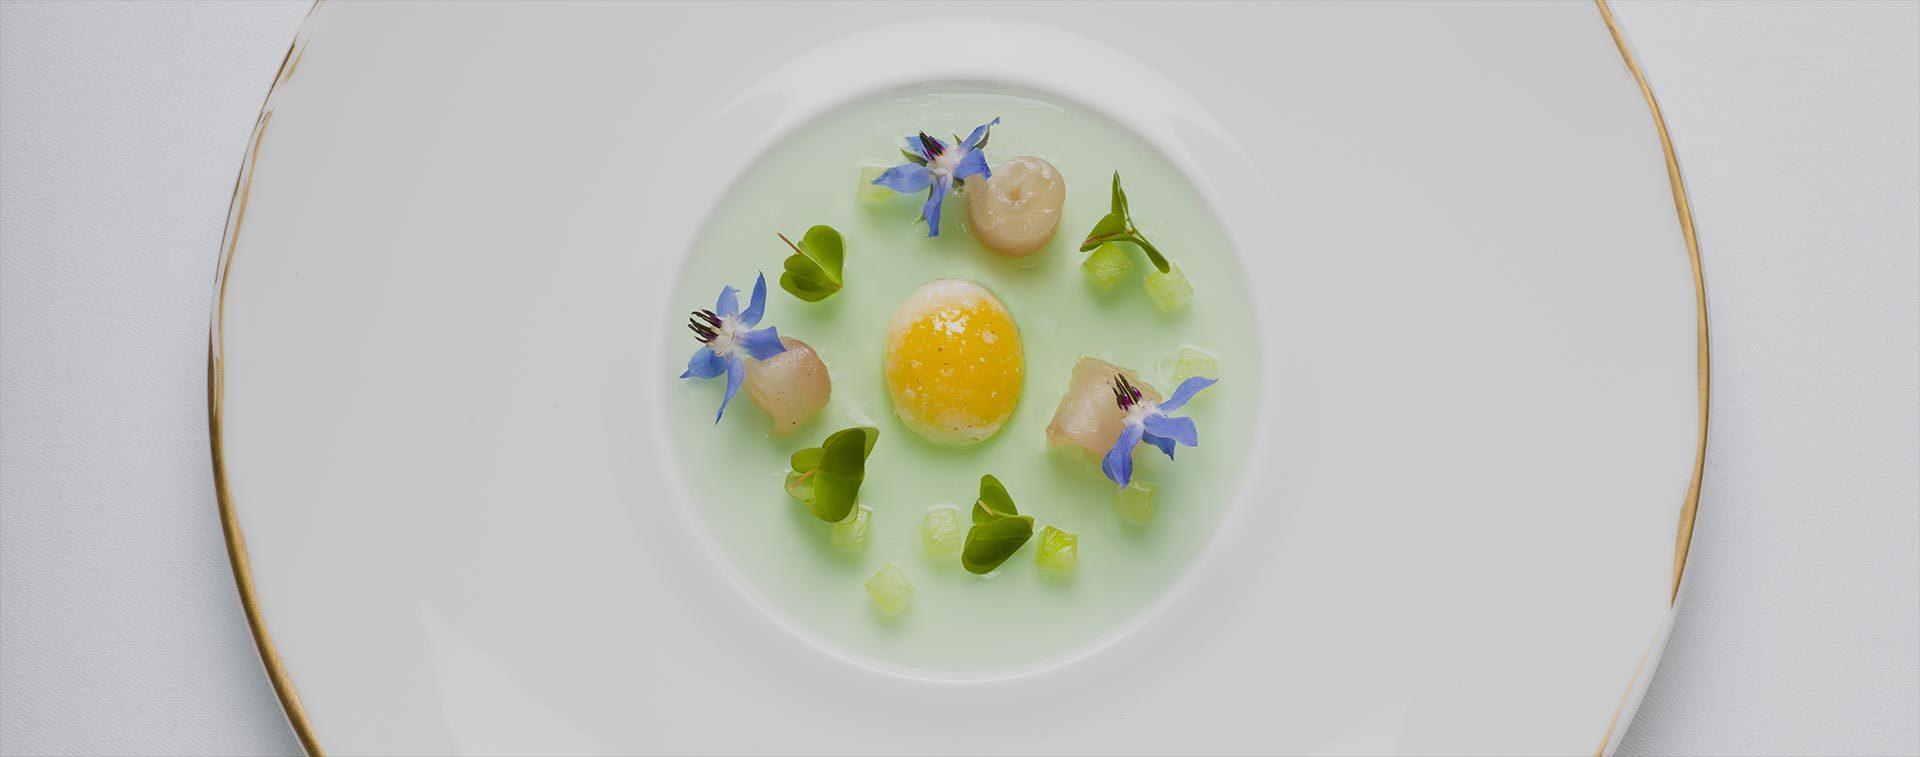 Restaurant Gastronomique 2 Etoiles Du Chef Jean Sulpice A